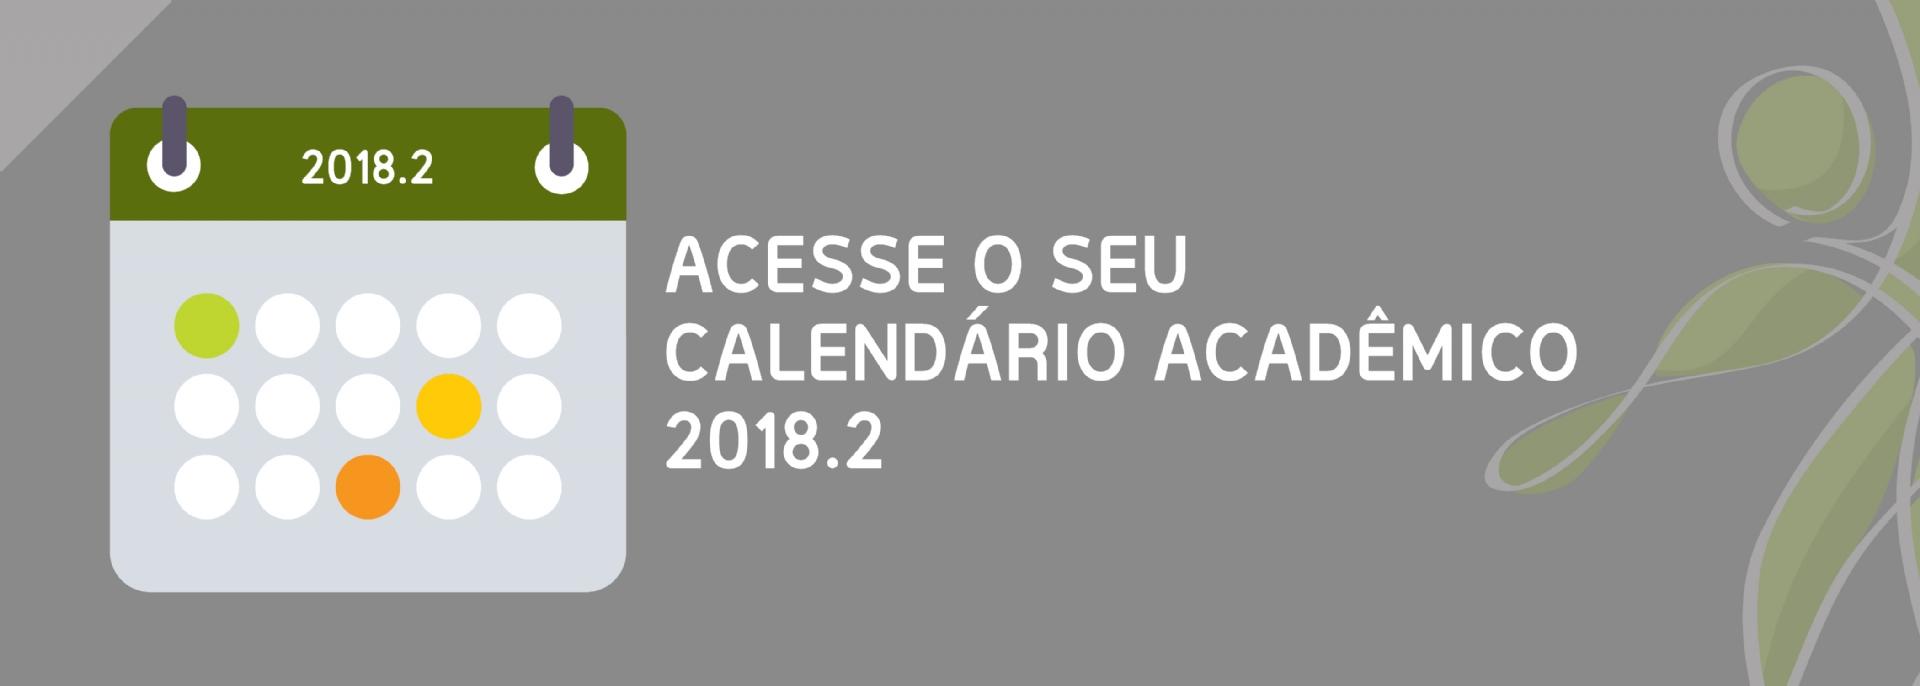 Calendário Acadêmico 2018.2